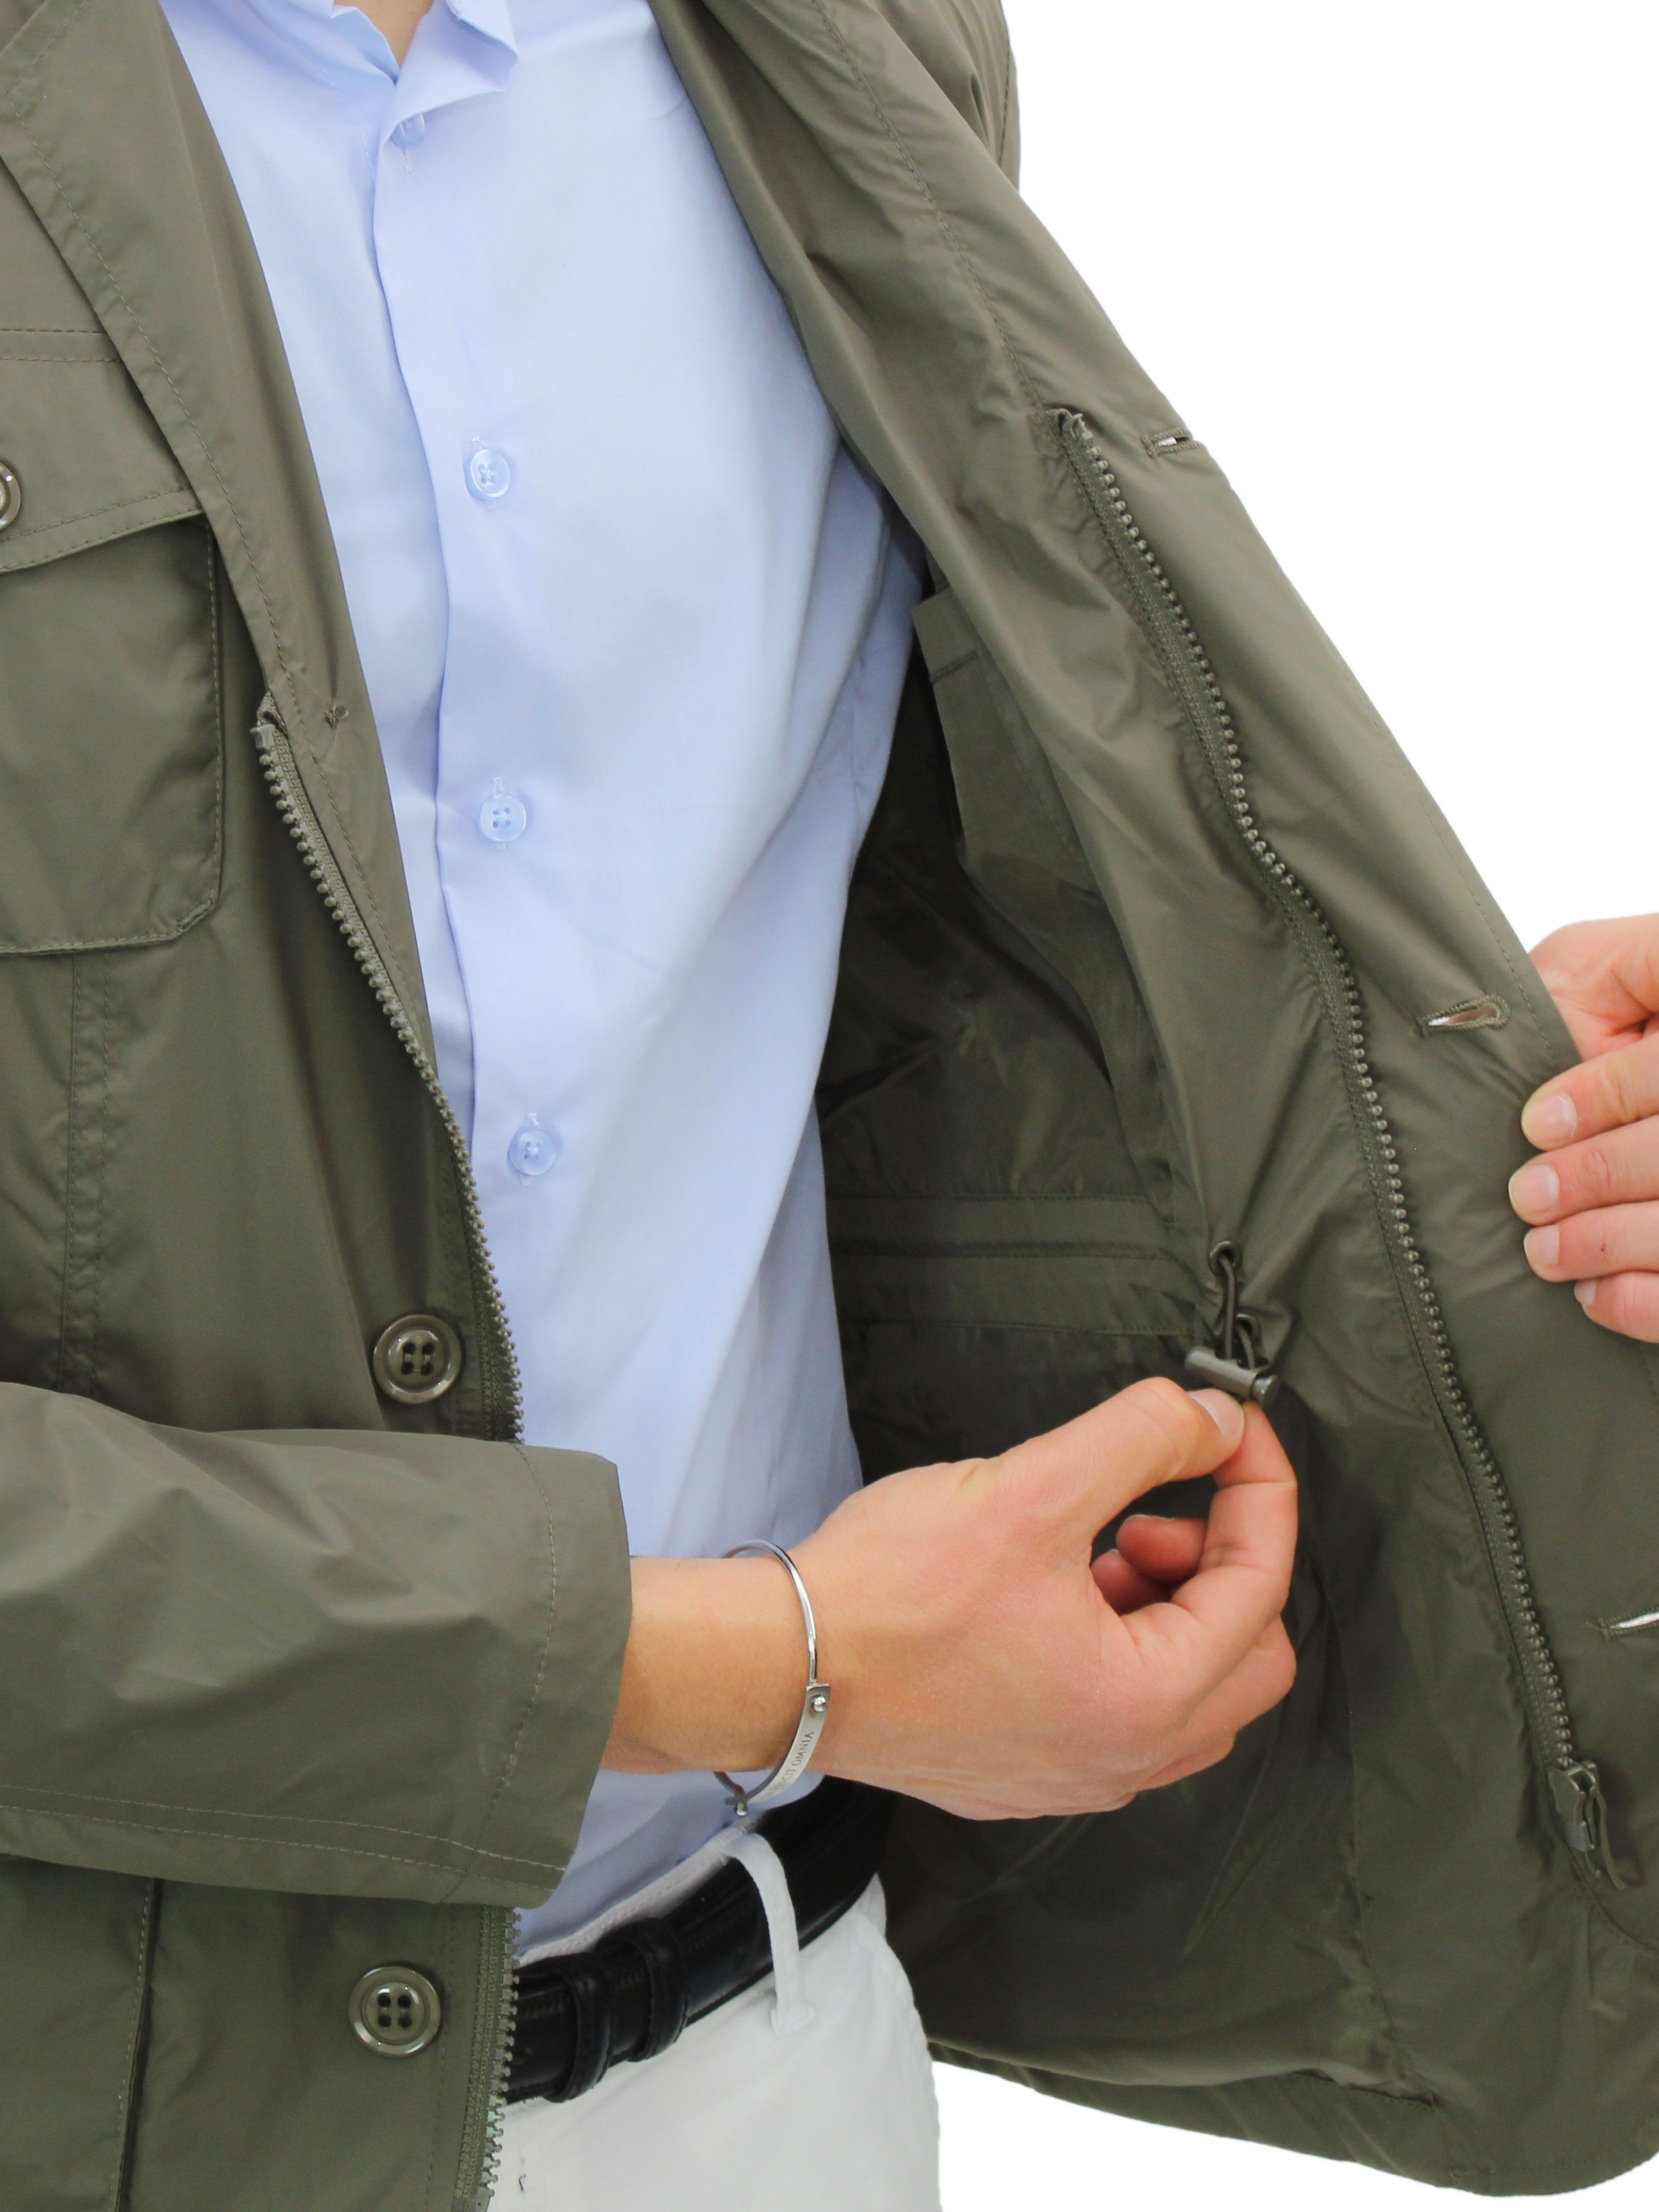 miniatura 8 - Giubbotto Uomo Primaverile Giacca a Vento Slim Fit Impermeabile Elegante